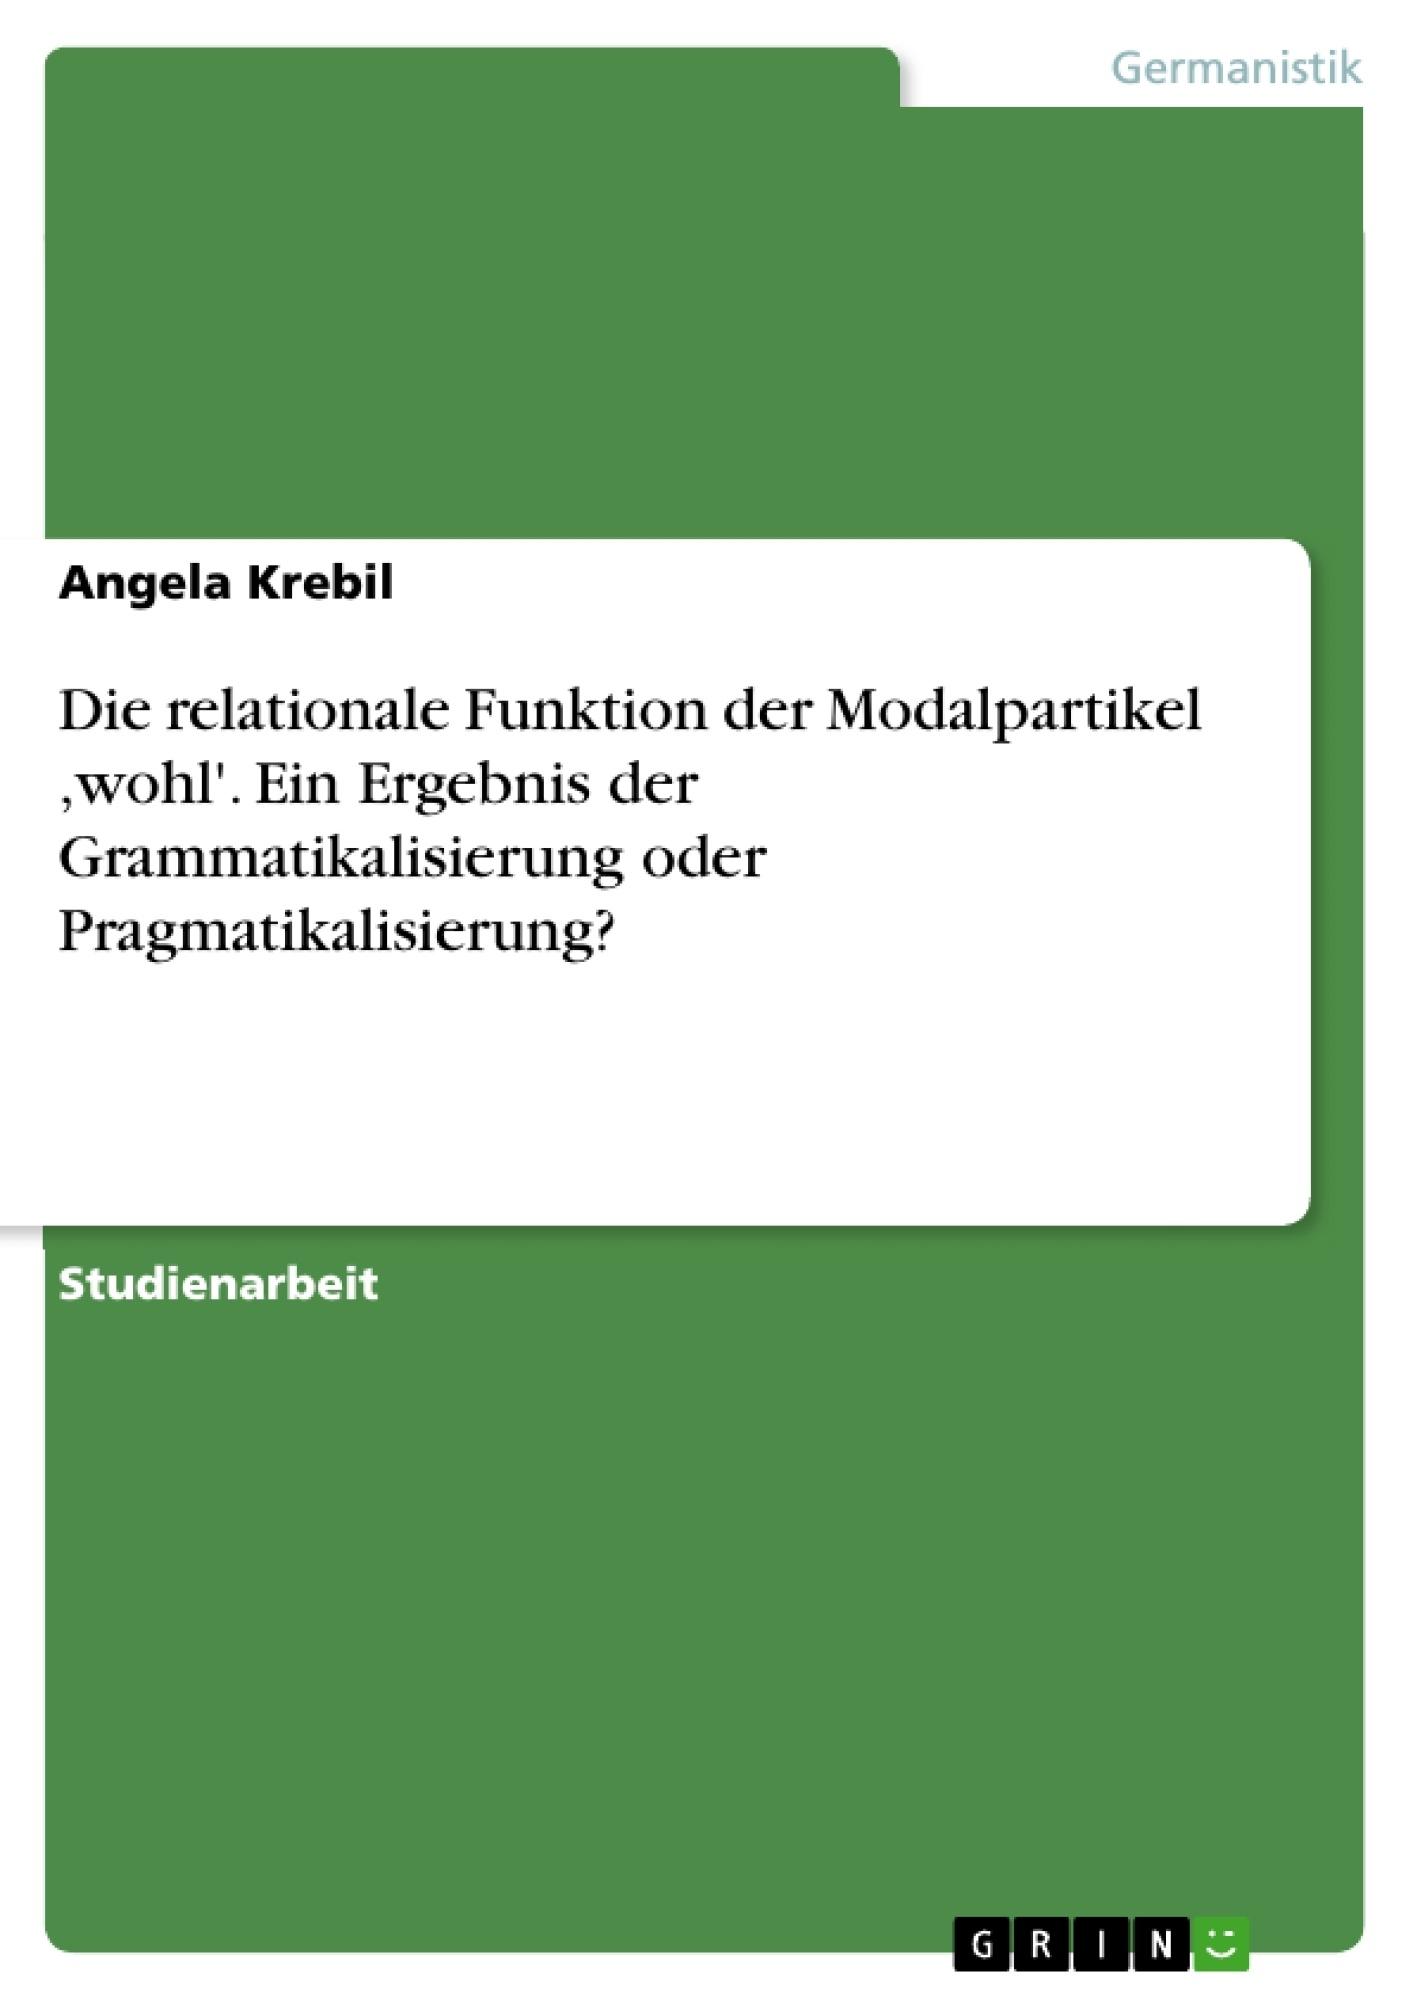 Titel: Die relationale Funktion der Modalpartikel ,wohl'. Ein Ergebnis der Grammatikalisierung oder Pragmatikalisierung?